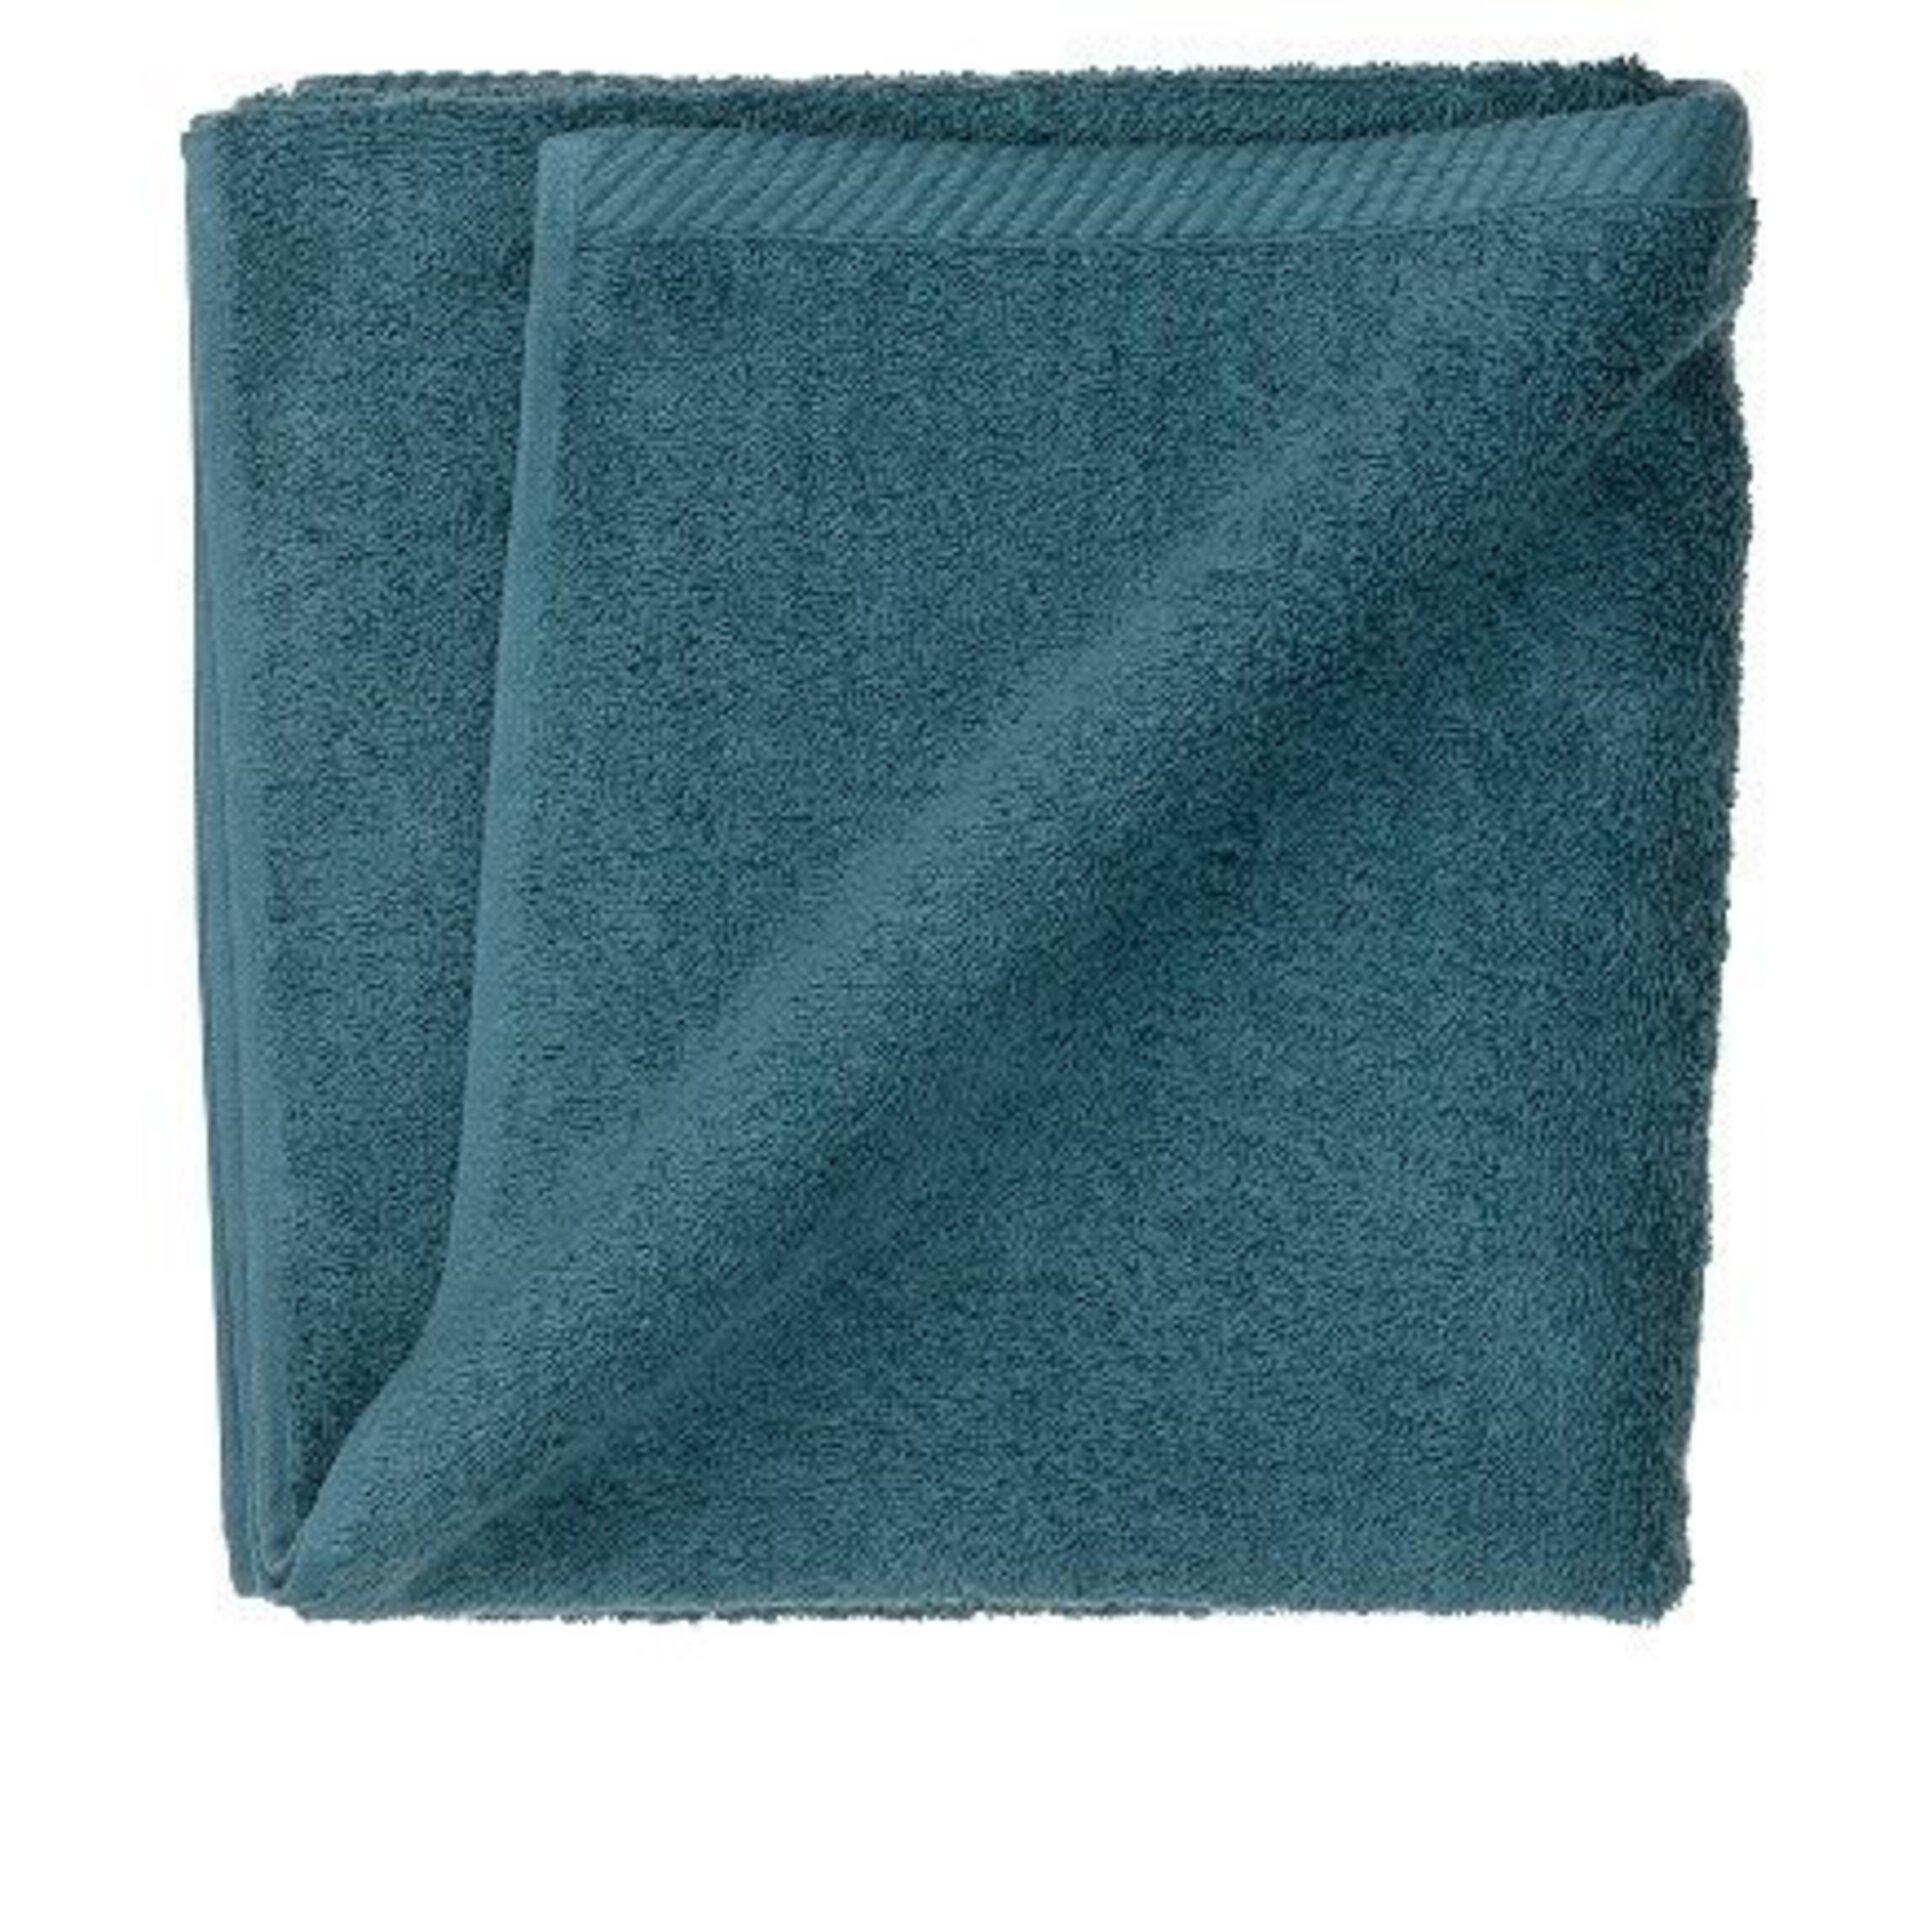 Handtuch Ladessa Kela Textil